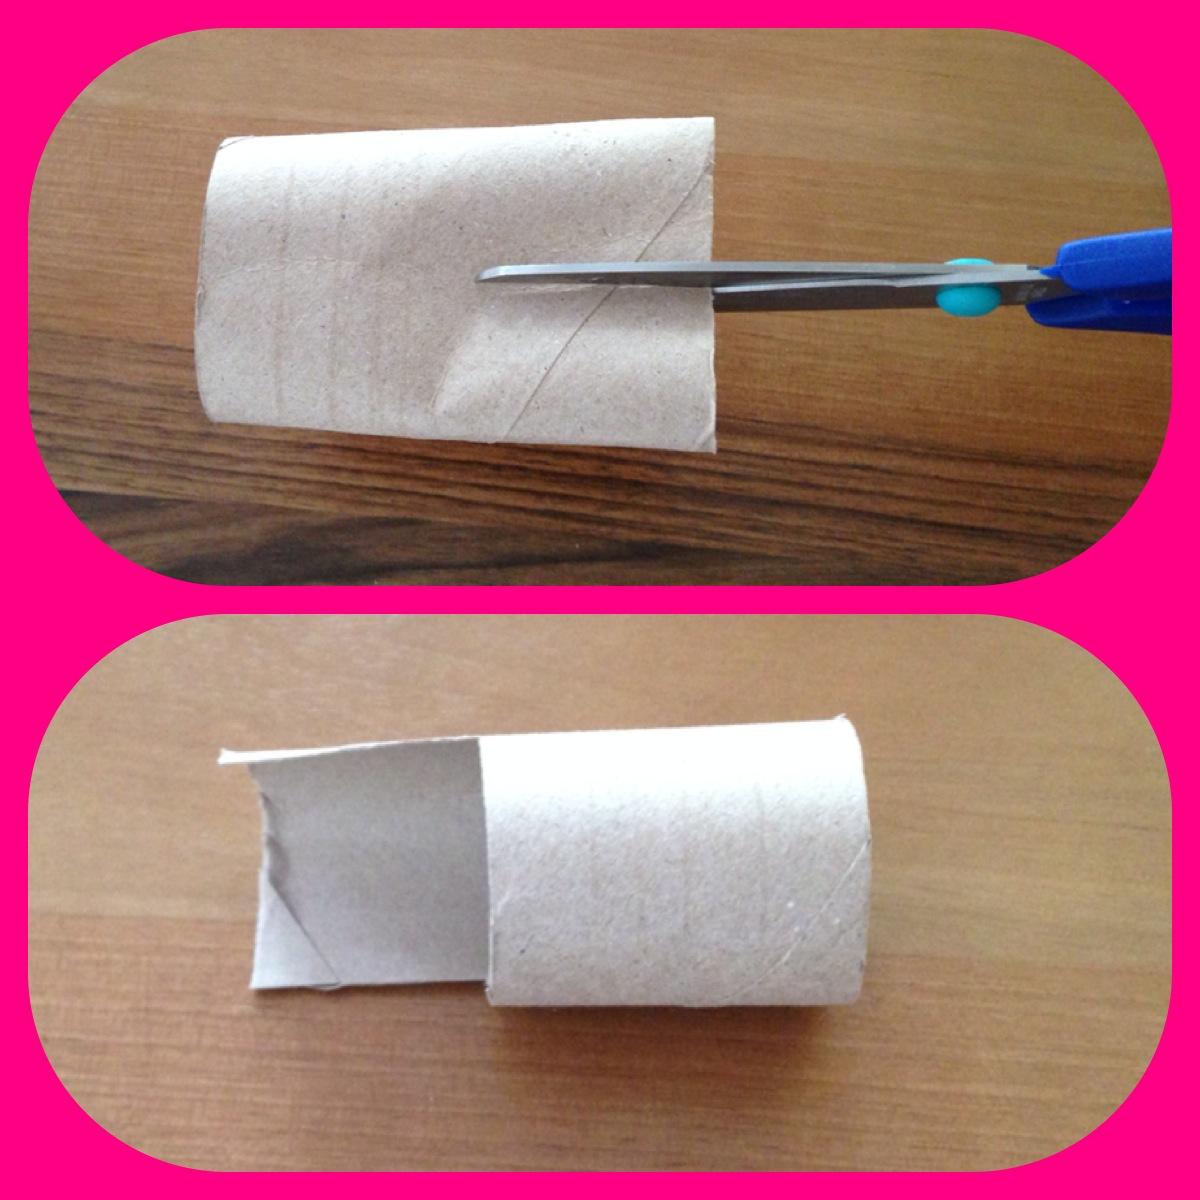 Tuvalet Kağıdı Rulosu ile Baskı Yapımı